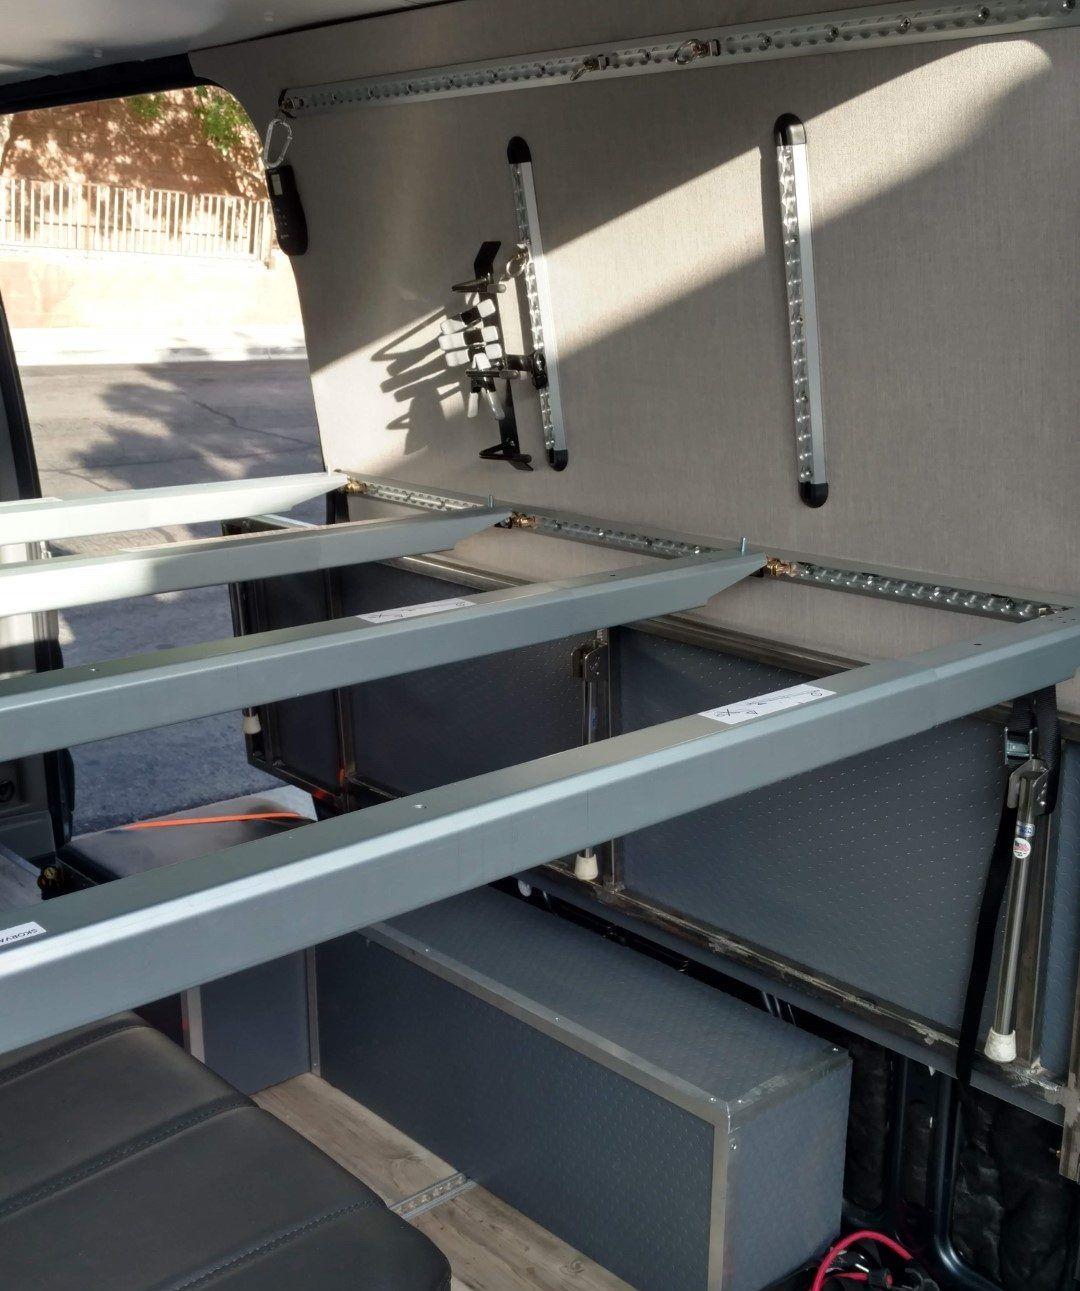 Sprinter Van Diy 3 Panel Platform Bed On L Track Campervan Bed